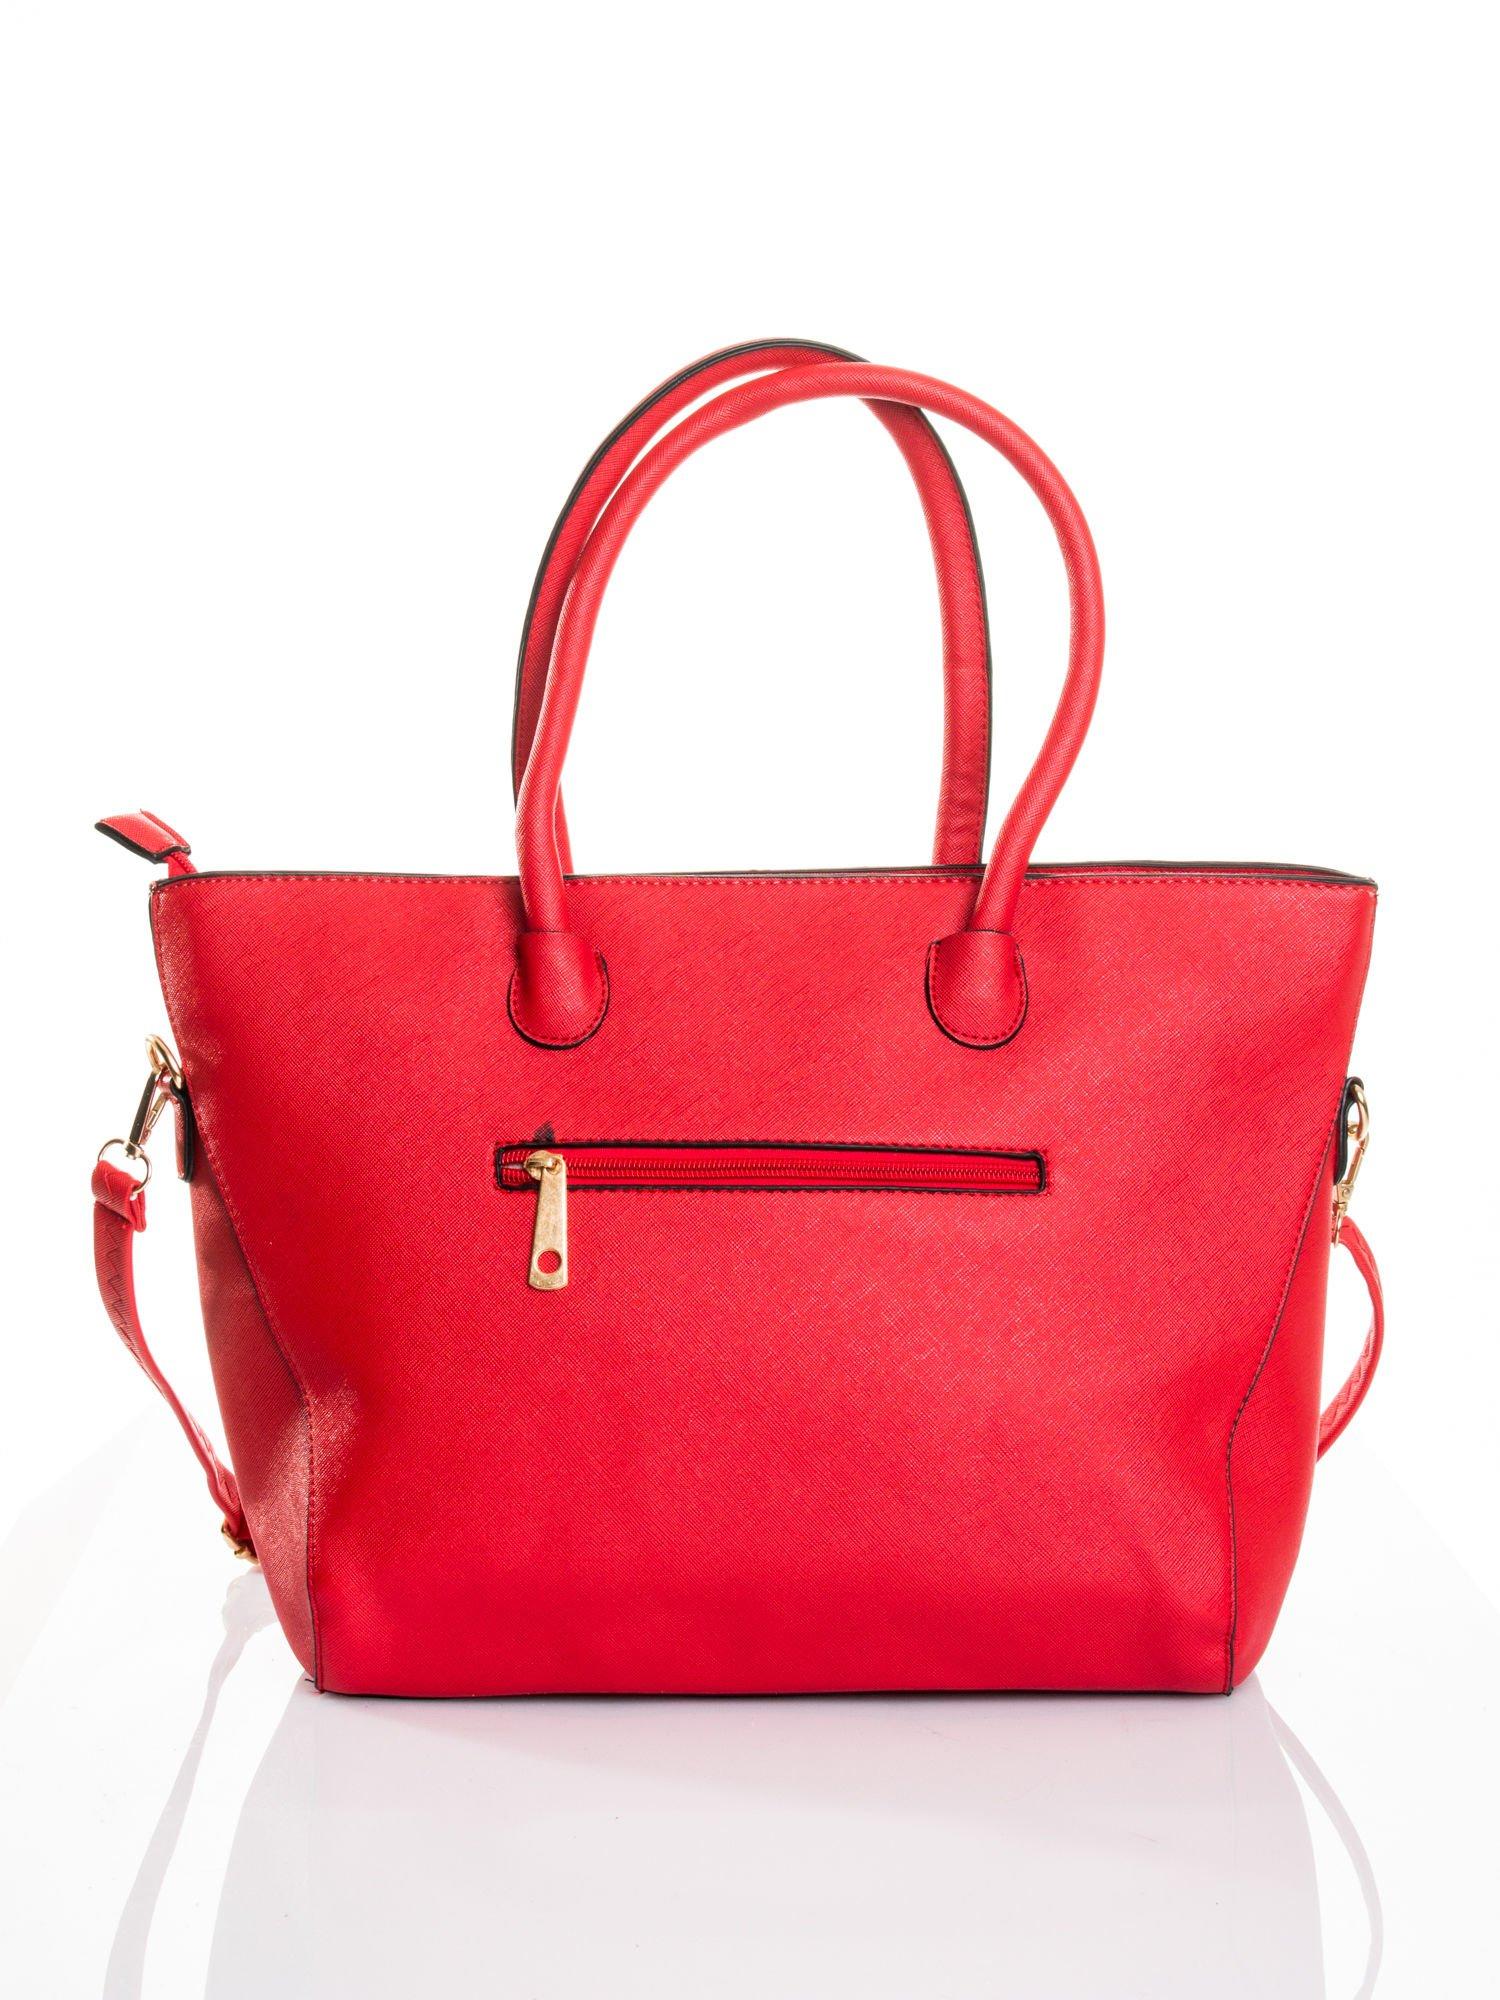 Czerwona torba shopper efekt saffiano                                  zdj.                                  2